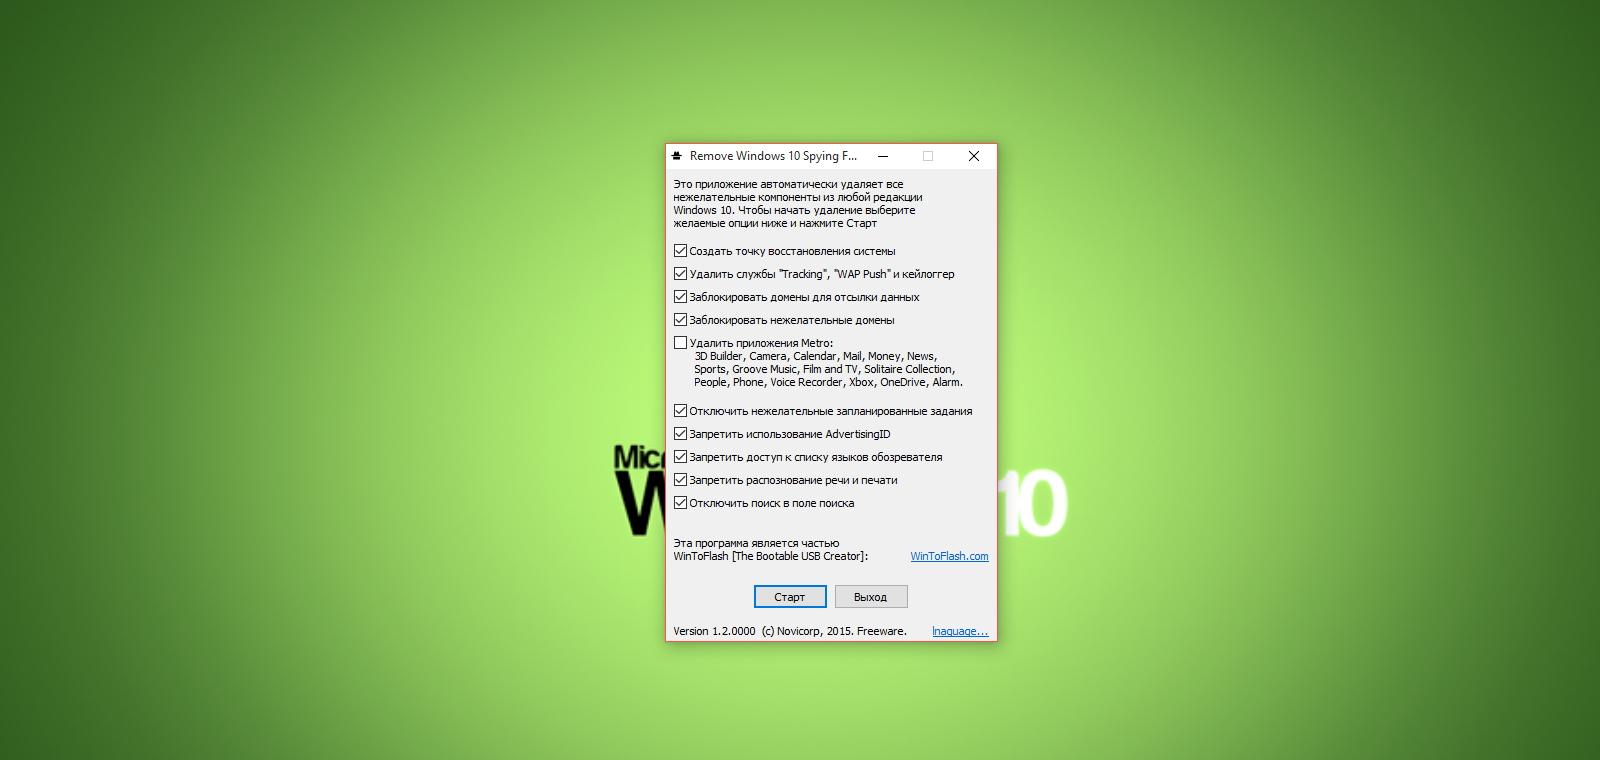 Remove Windows 10 Spying Features — портабельная программа для отключения слежки за пользователями в Windows 10